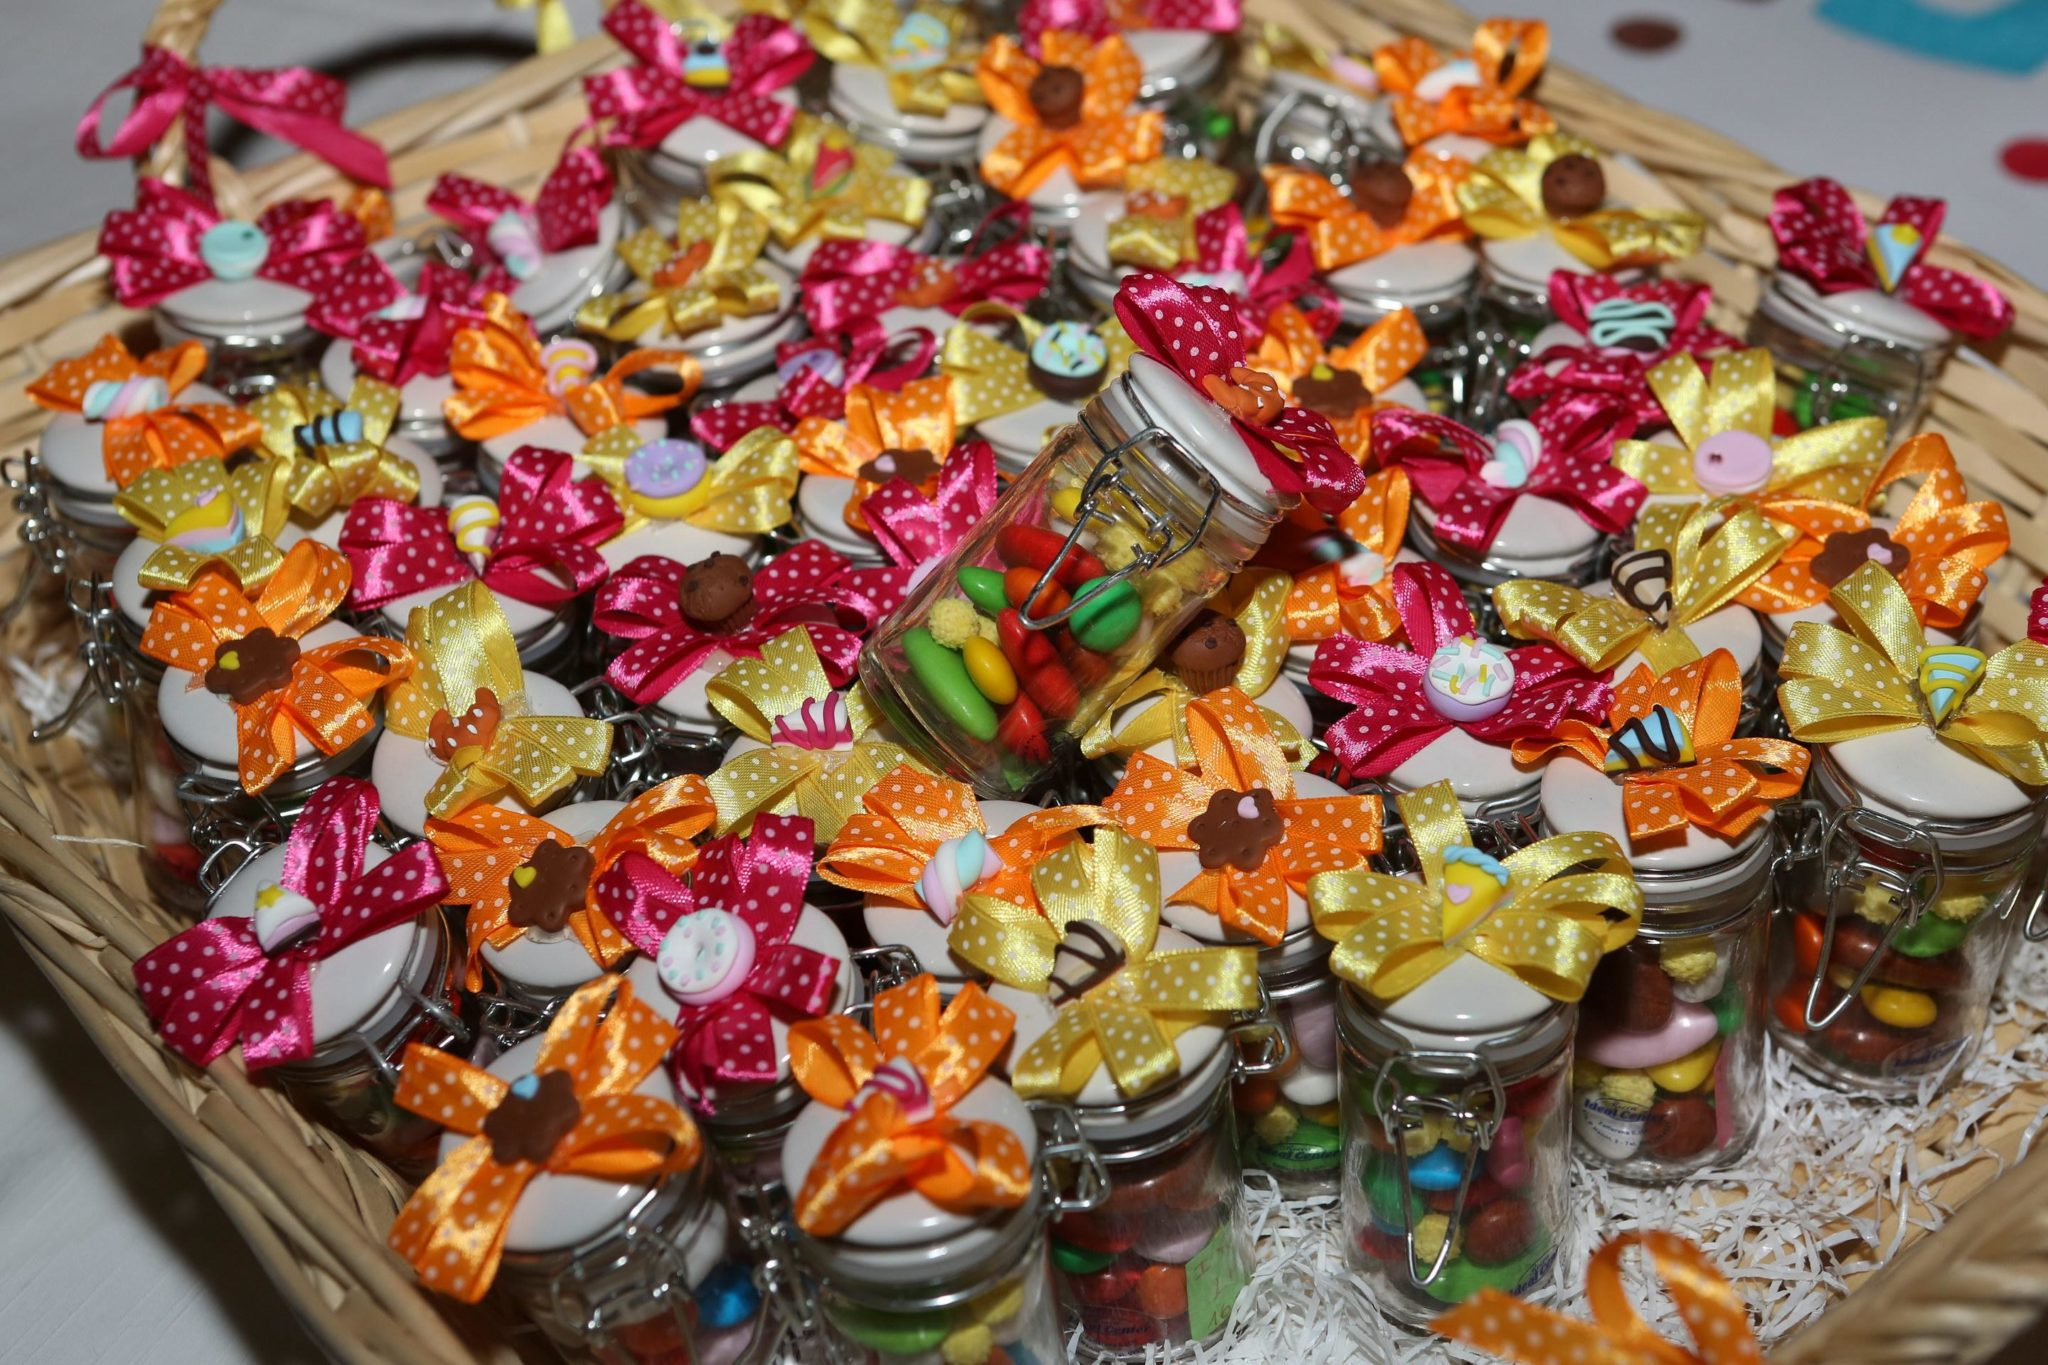 Laura bomboniere con dolcetti mini